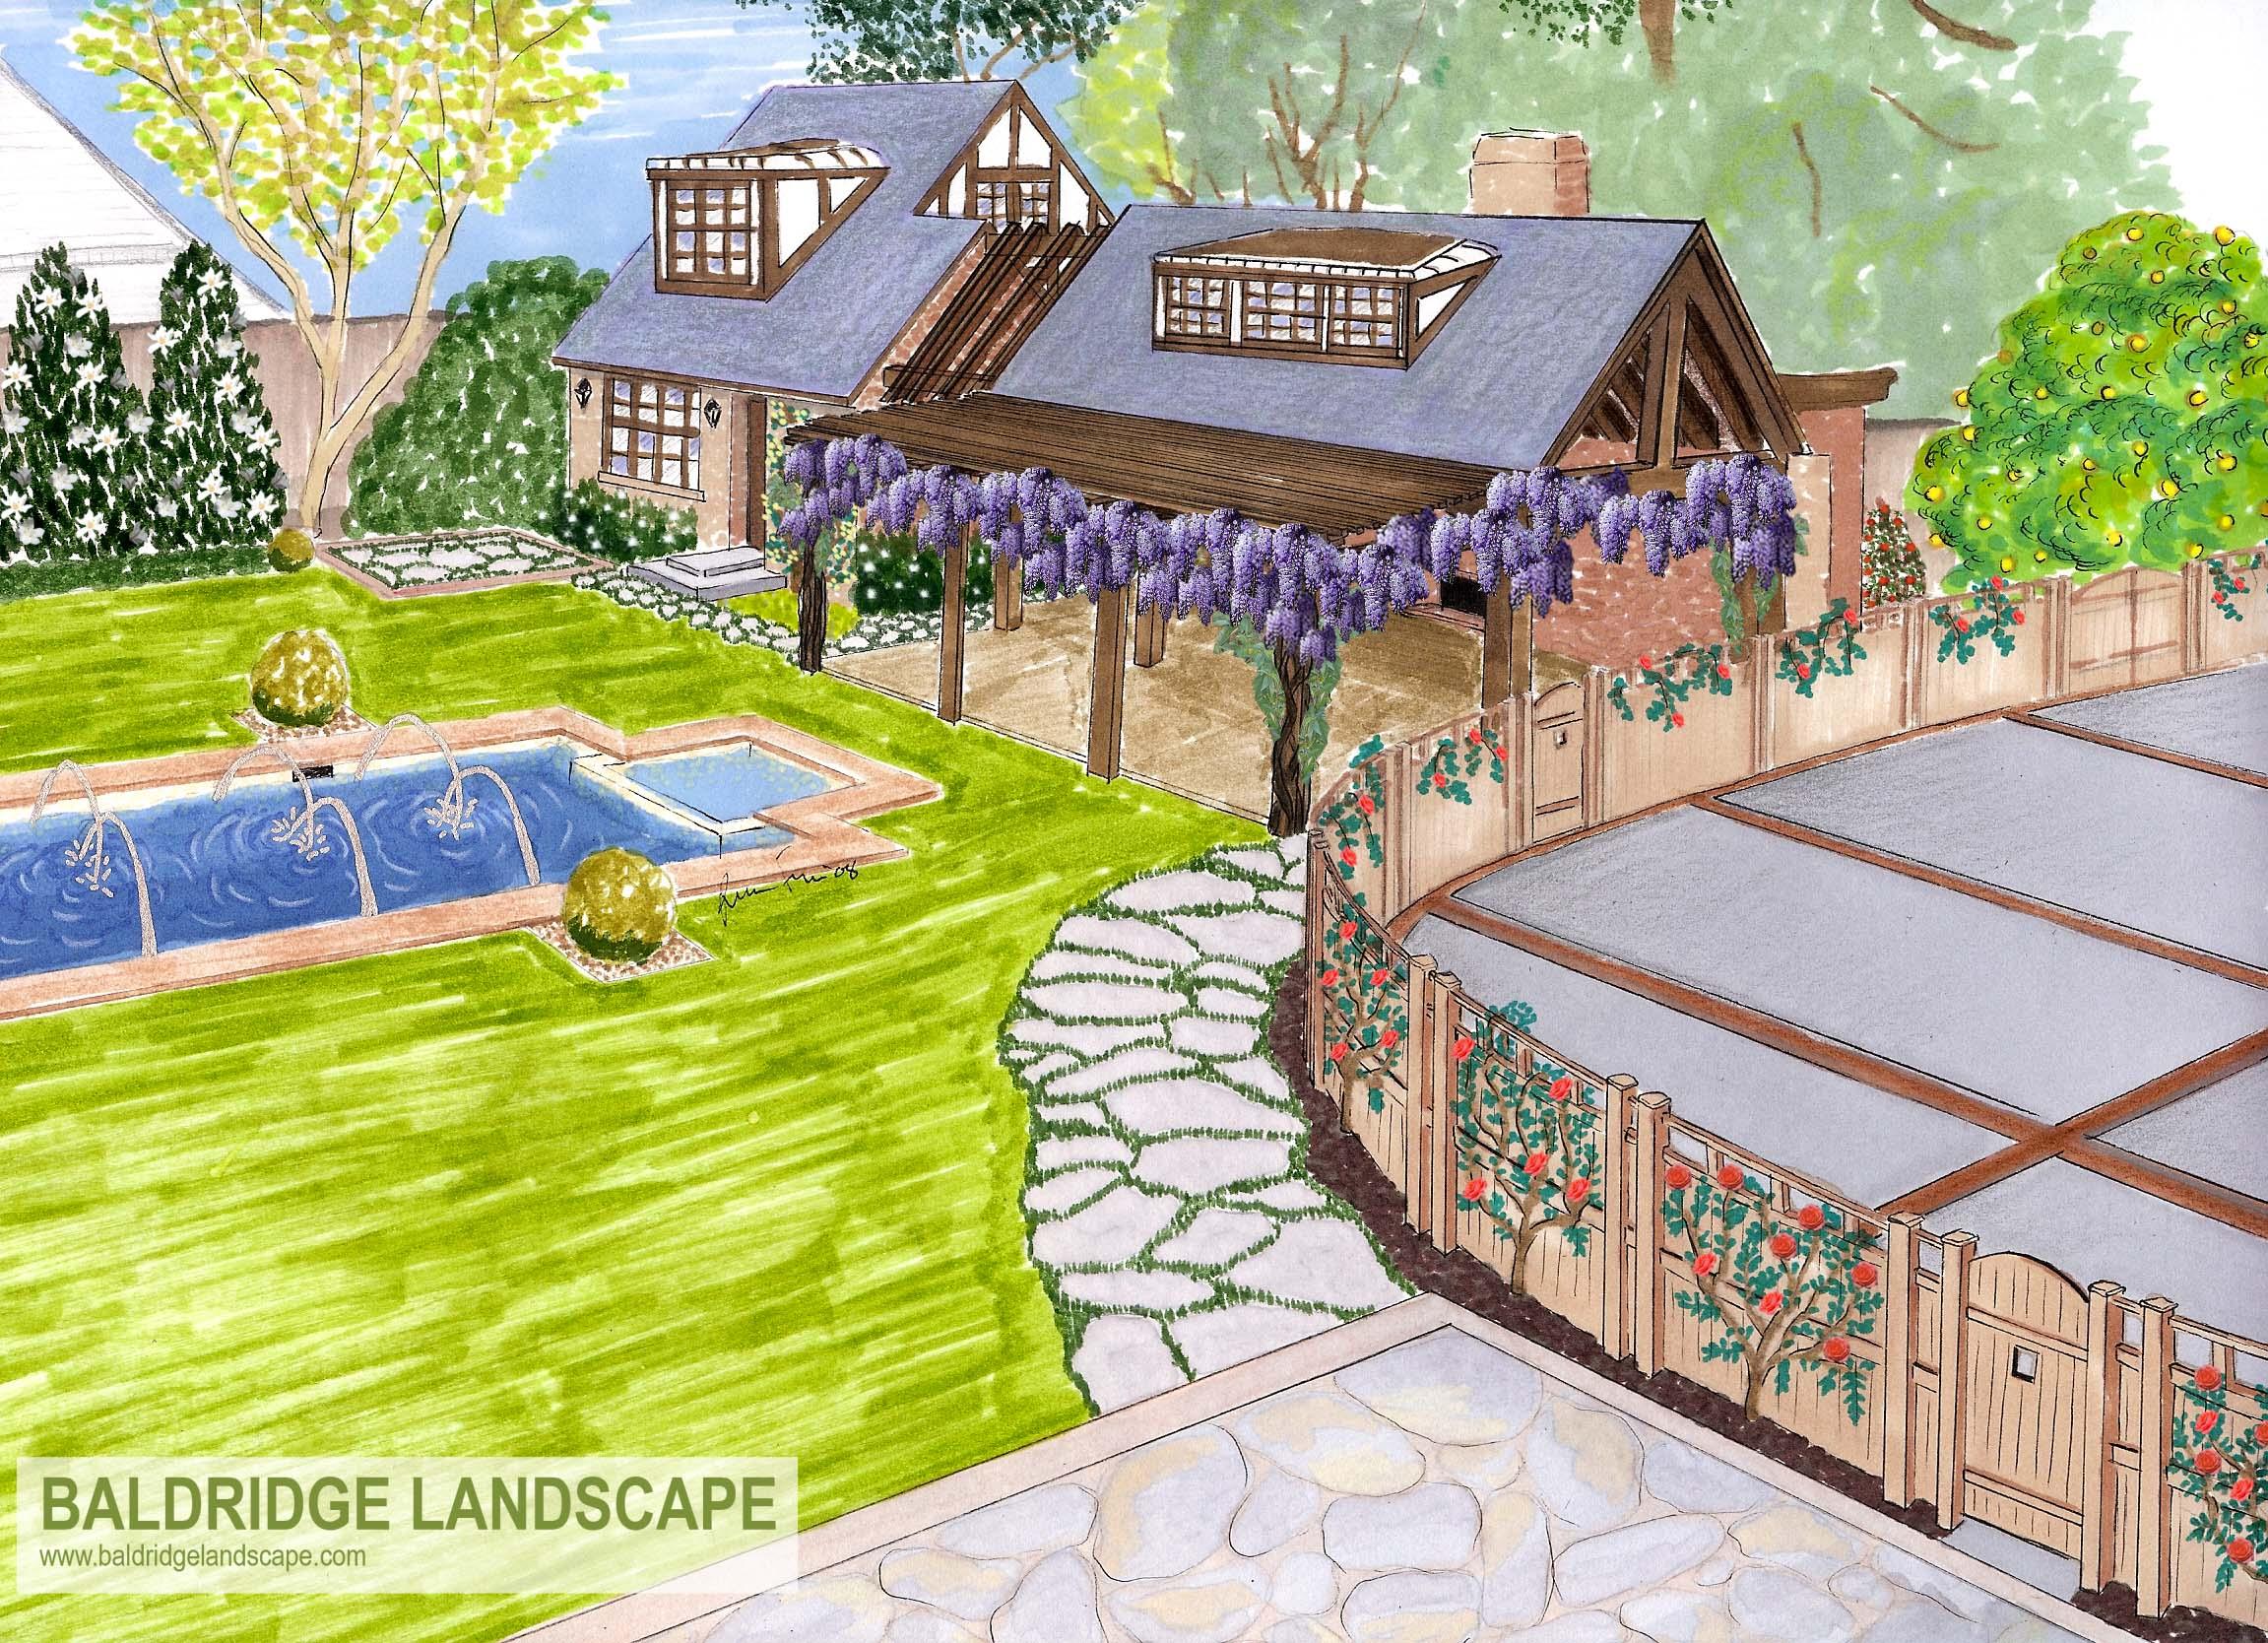 Pool & Cabana Landscape Rendering